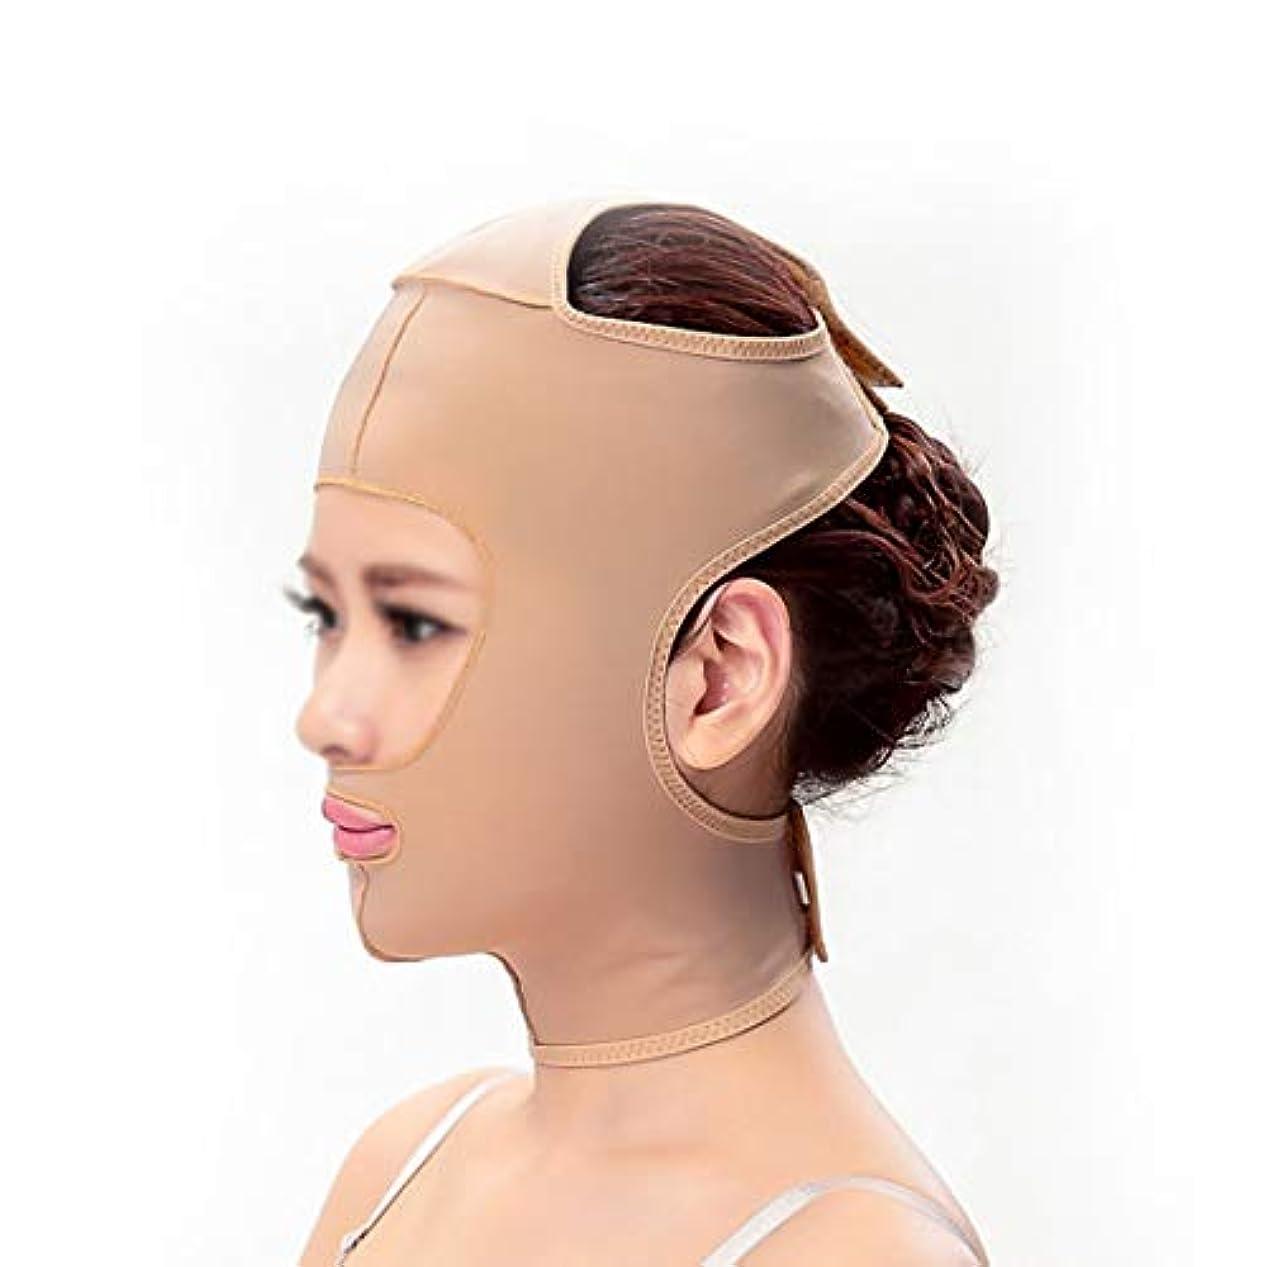 促すマーカー海外でLJK 痩身ベルト、フェイシャルマスク薄いフェイスマスクを脇に持ち上げる二重あご引き締め顔面プラスチックフェイスアーティファクト強力なフェイス包帯 (Size : XL)